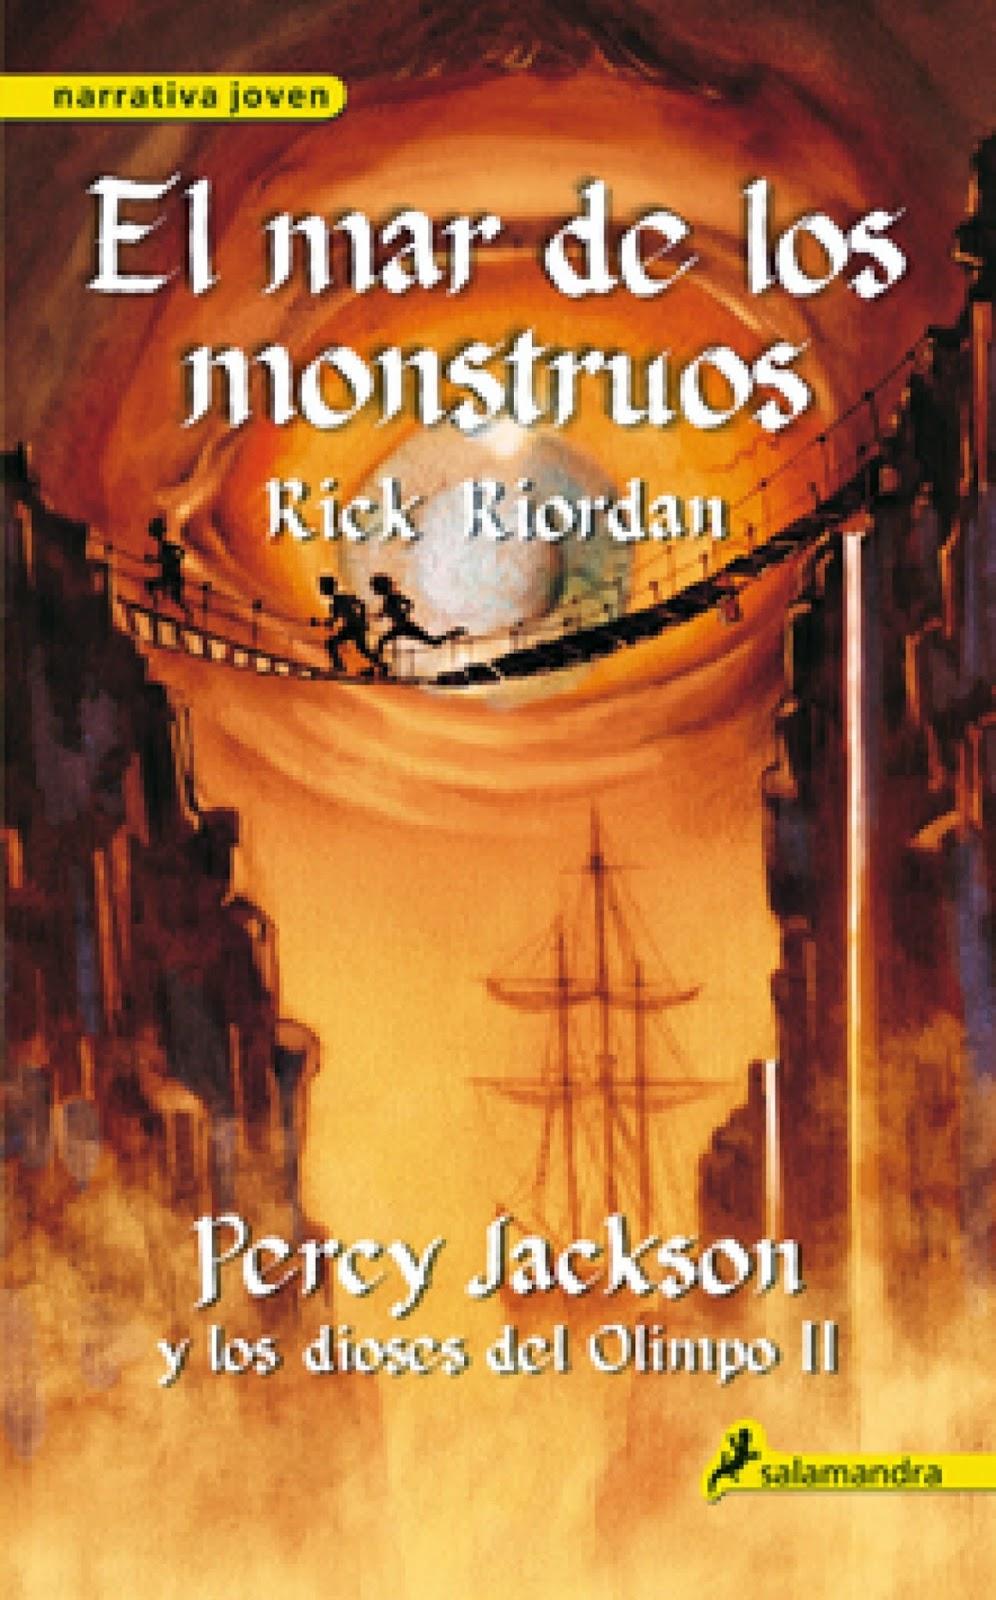 (Crónicas Del Campamento Mestizo) Percy Jackson Y Los Dioses del Olimpo II: El Mar De Los Monstruos, de Rick Riordan